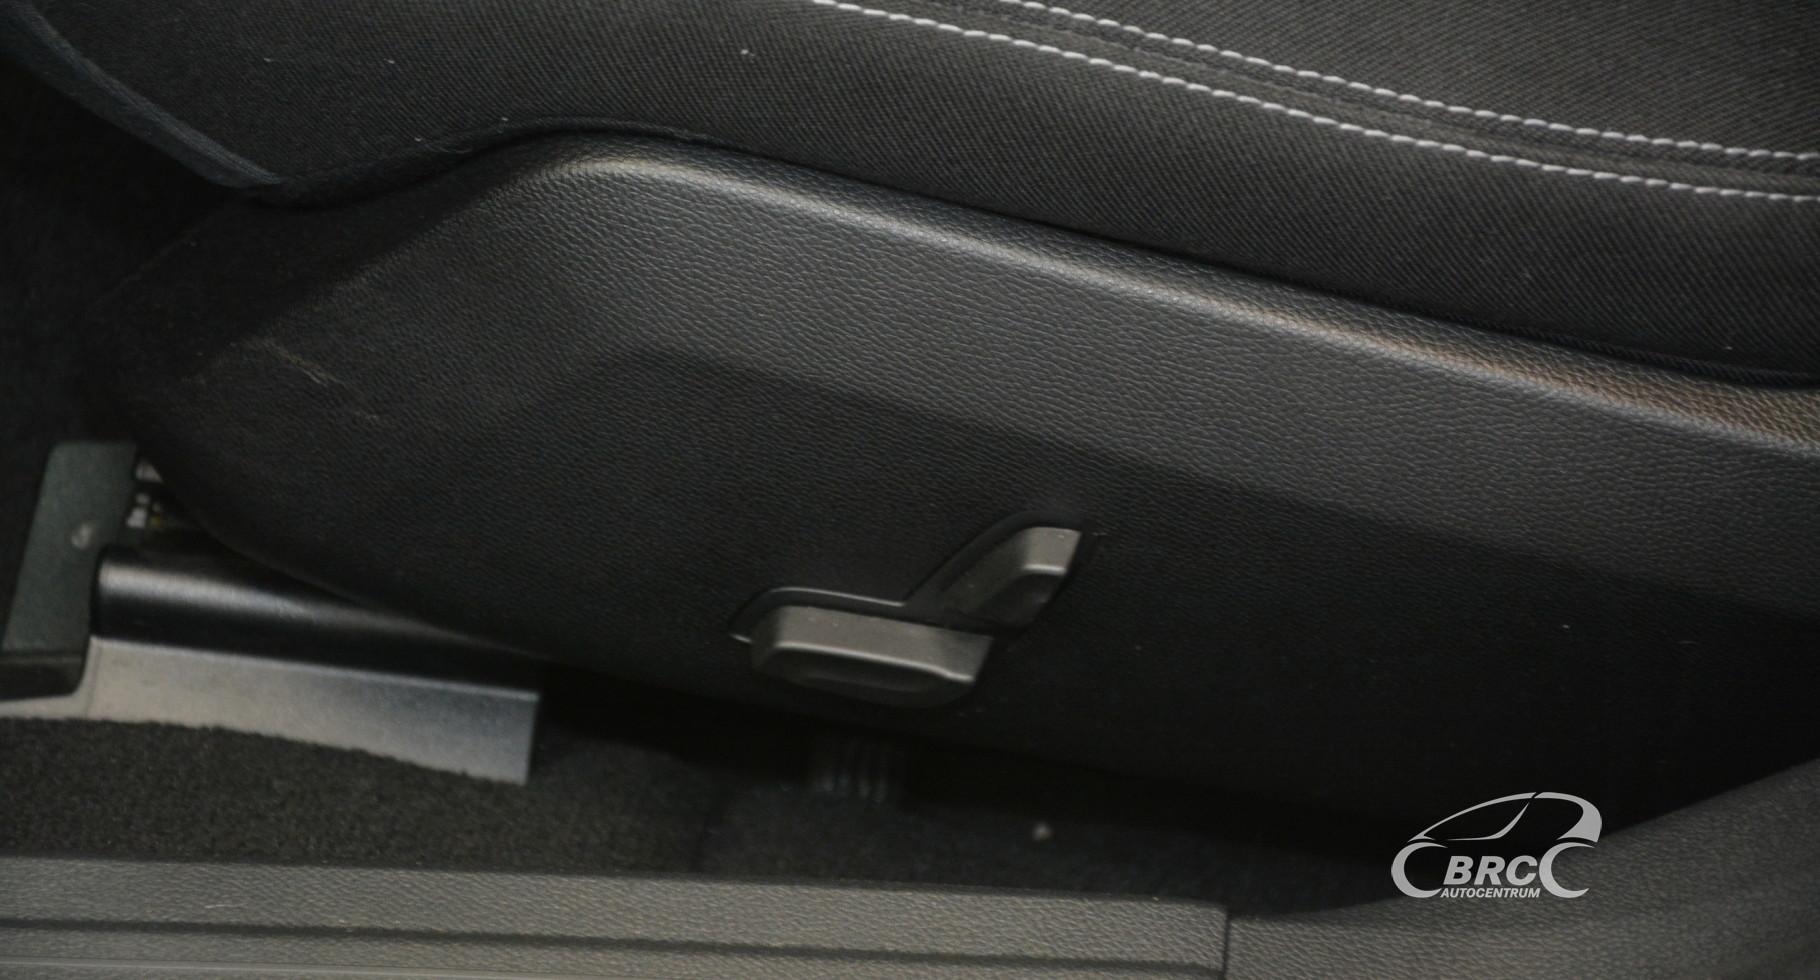 Mercedes-Benz E 220 BLUETEC Automatas